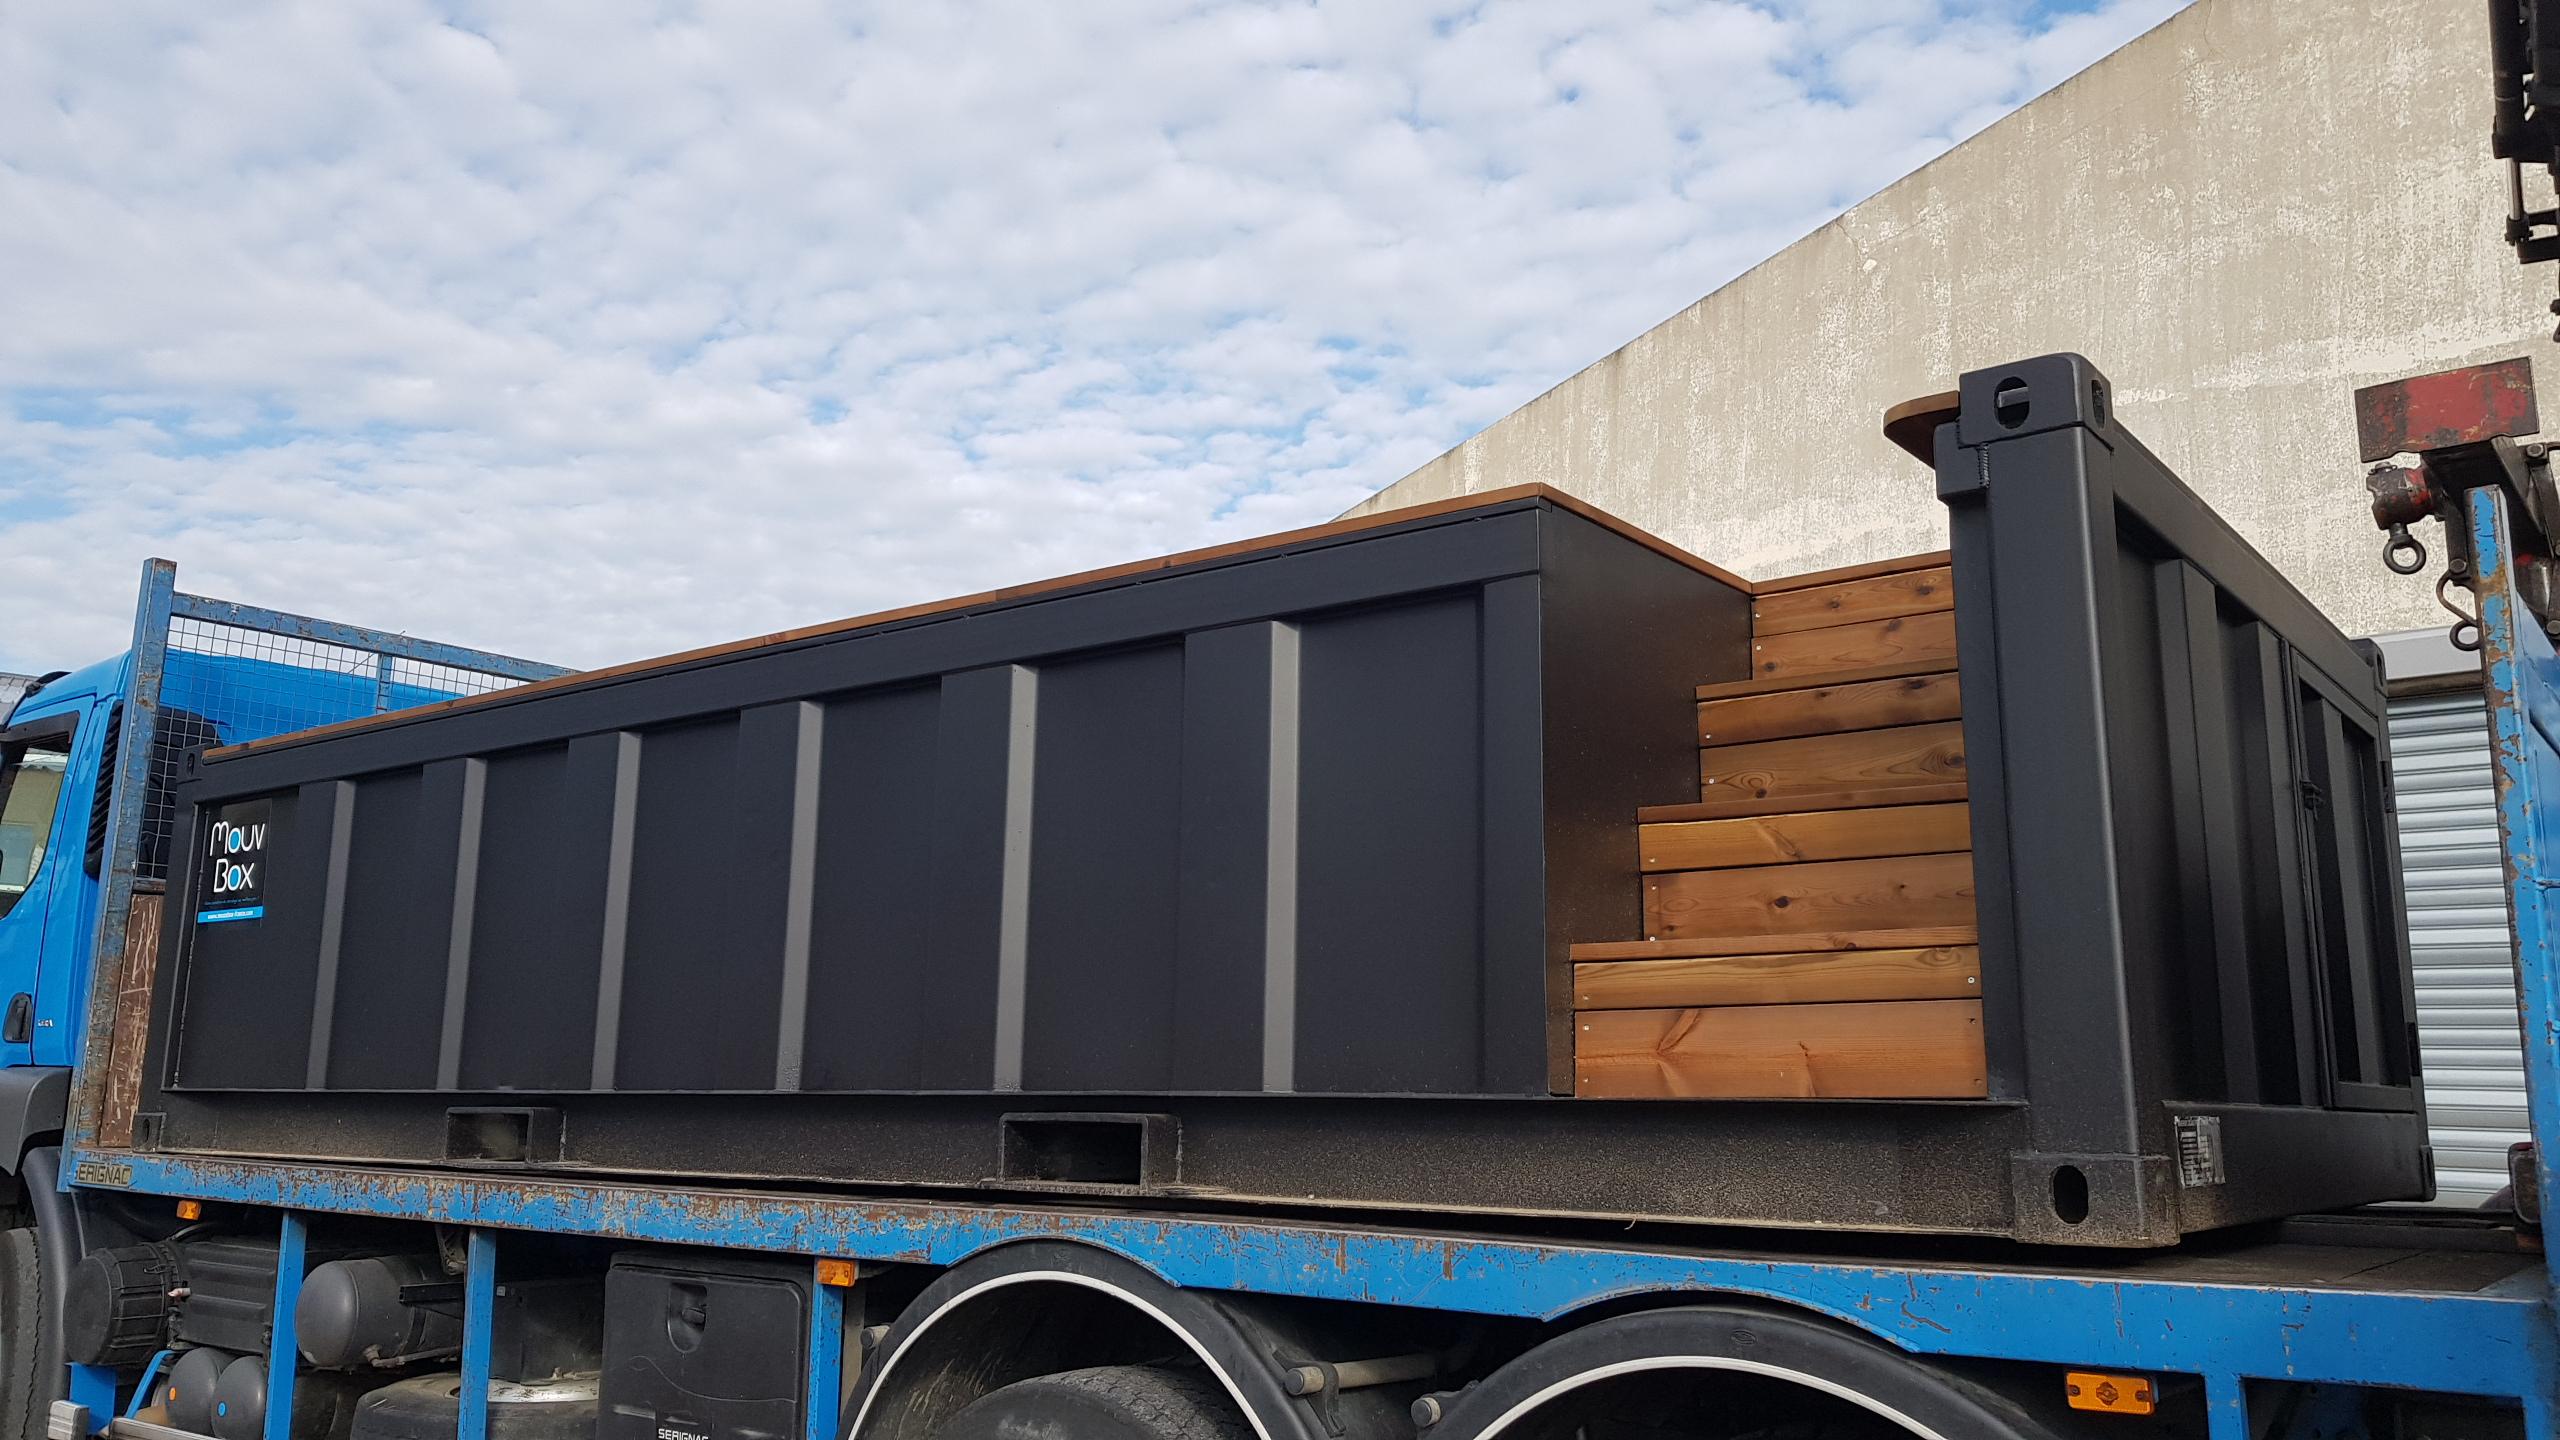 Piscine Box 20′ (6M X 2.40M) à Piscine Container France